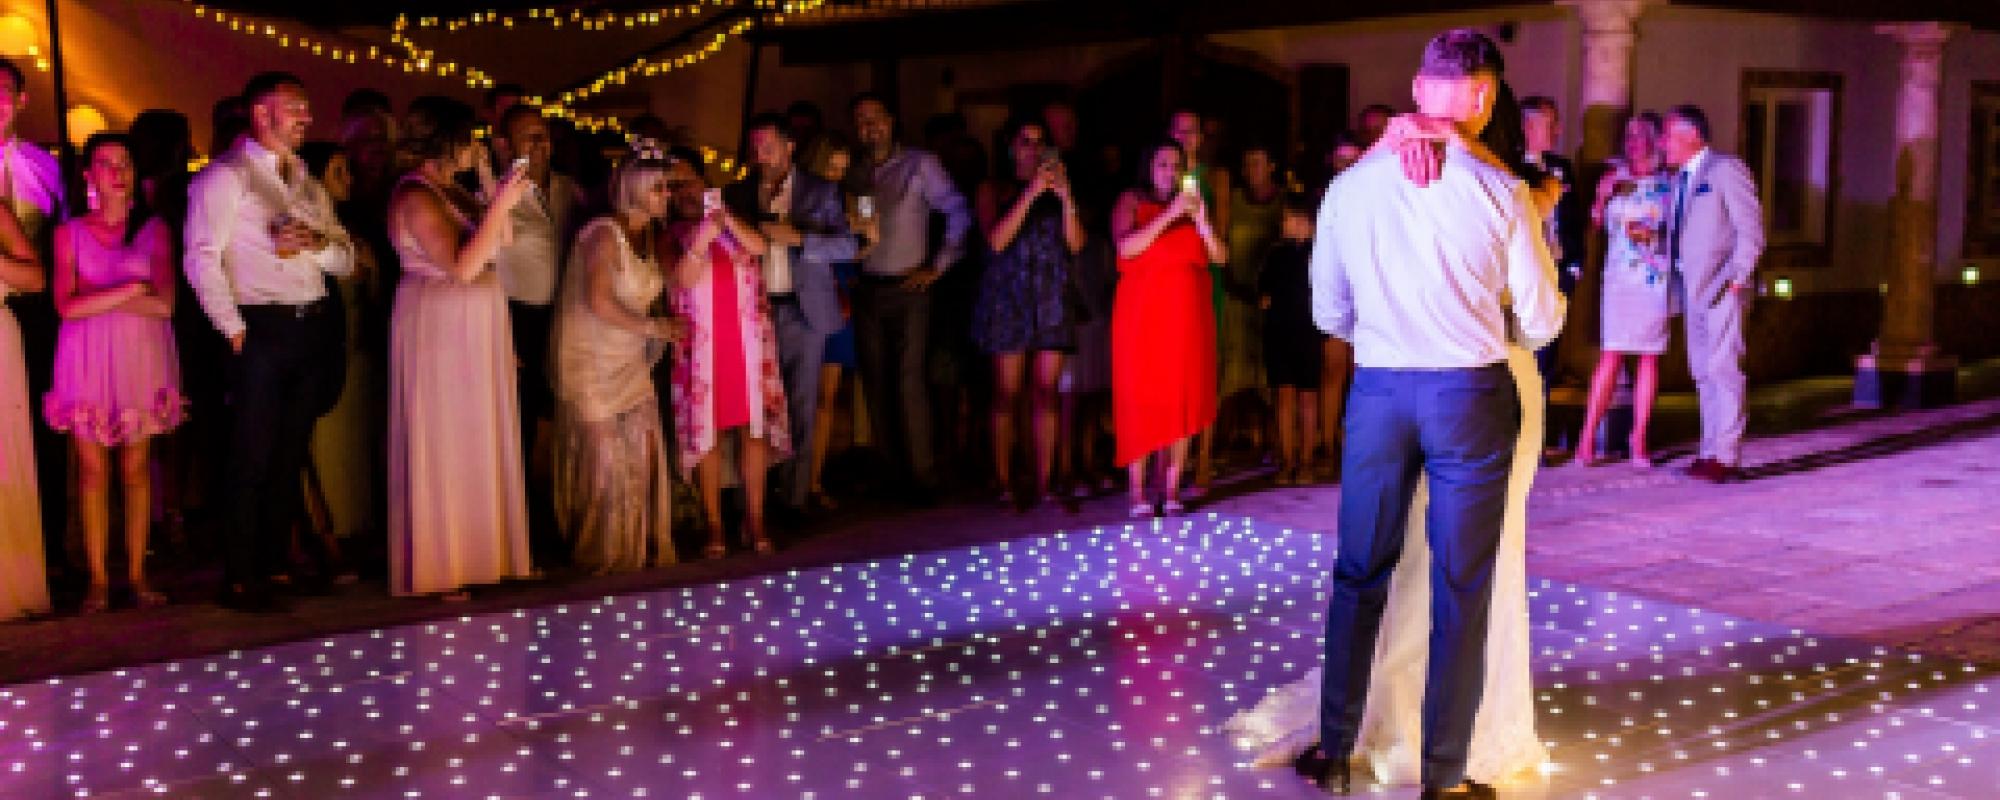 algarve dance floor